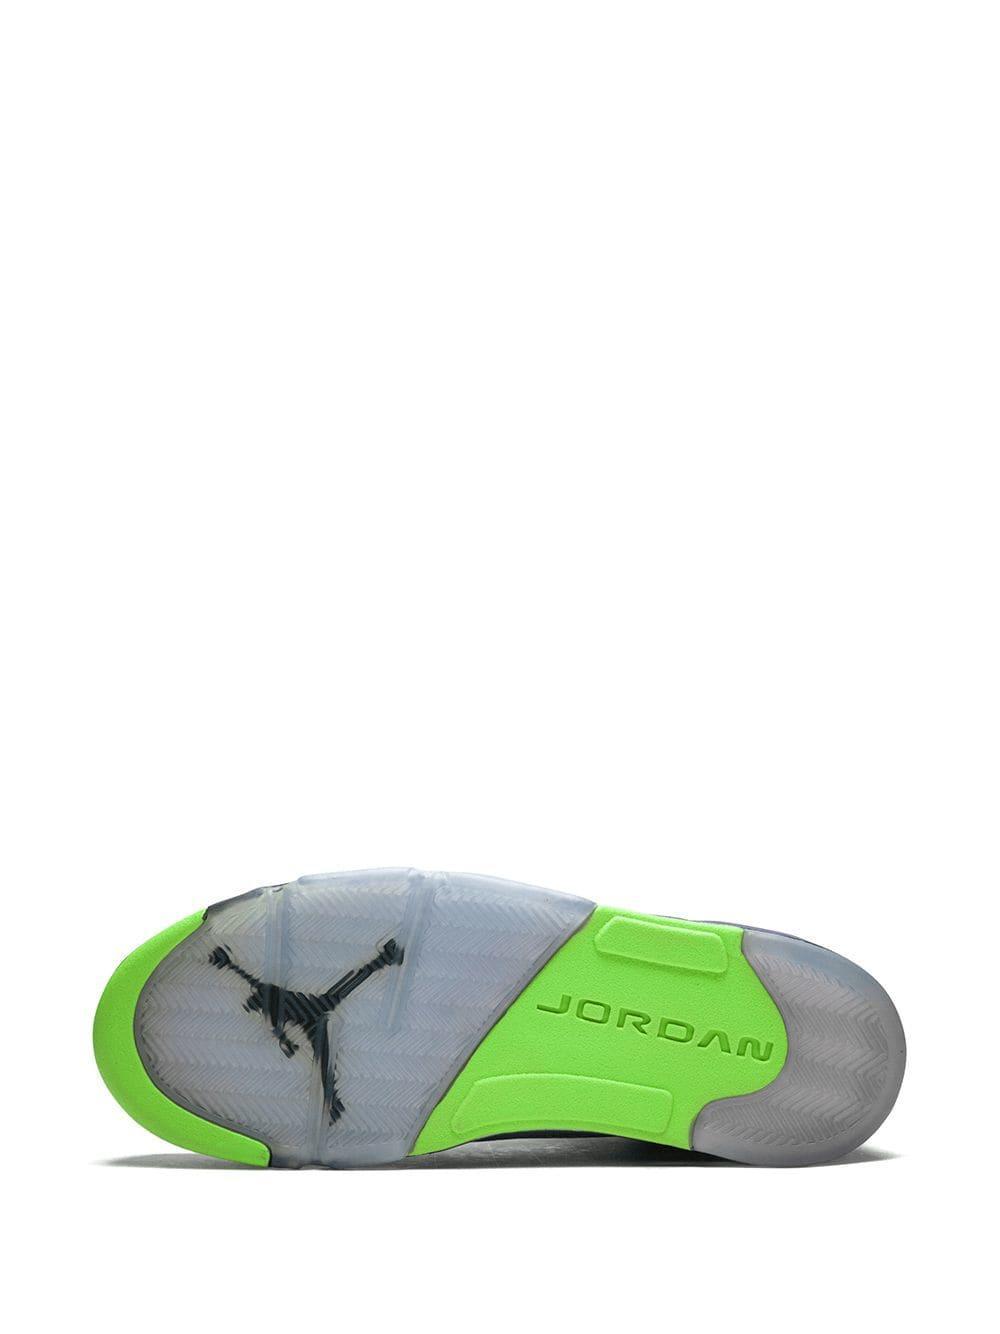 f6b7c805eed9e9 ... 5 Retro Bel Air Sneakers for Men - Lyst. View fullscreen